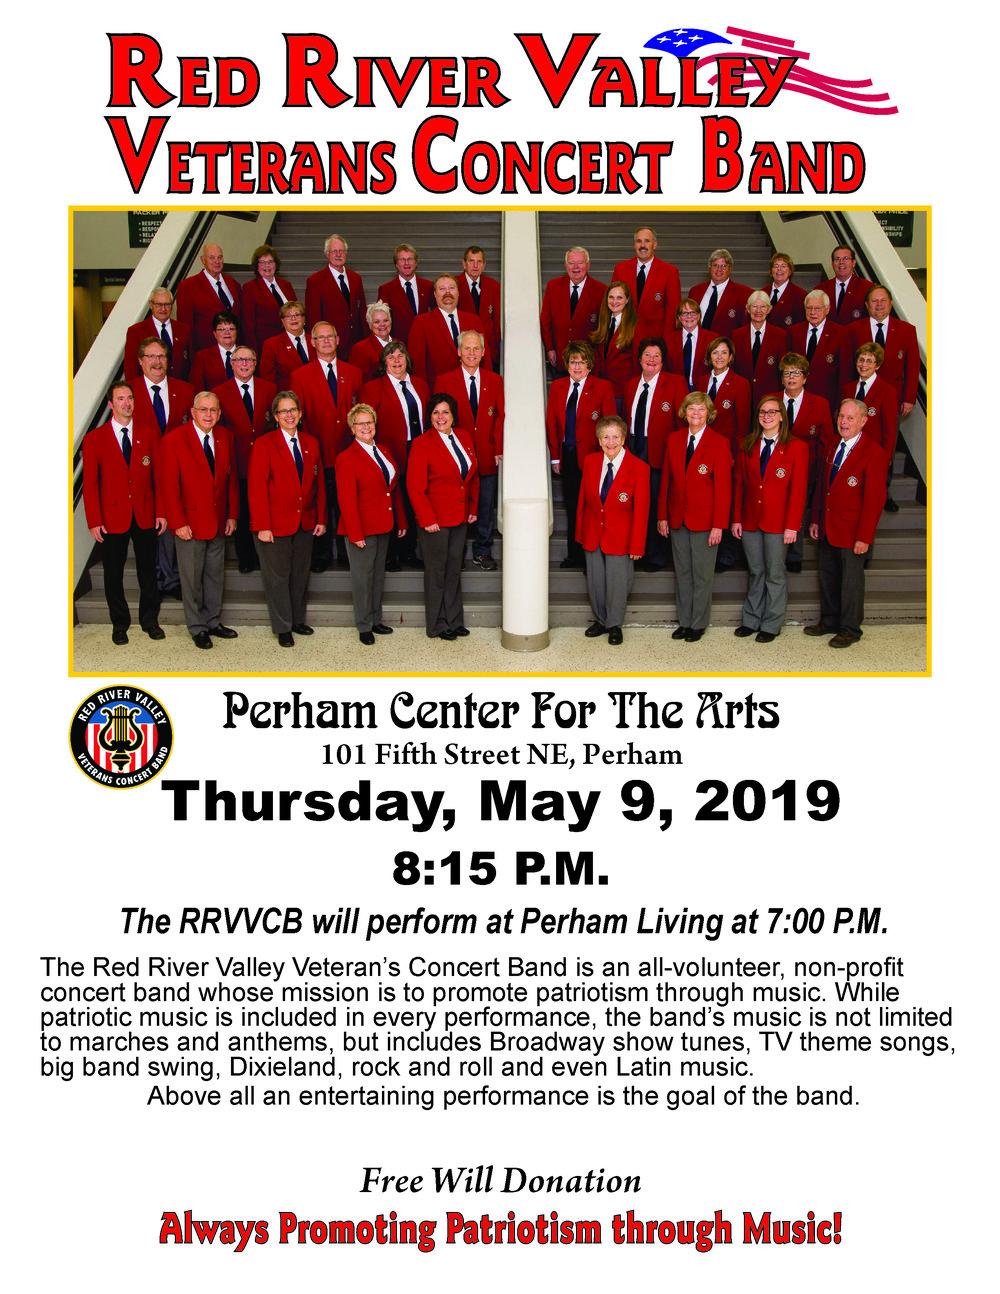 RRV Veterans Concert Band 2019 8x11.jpg